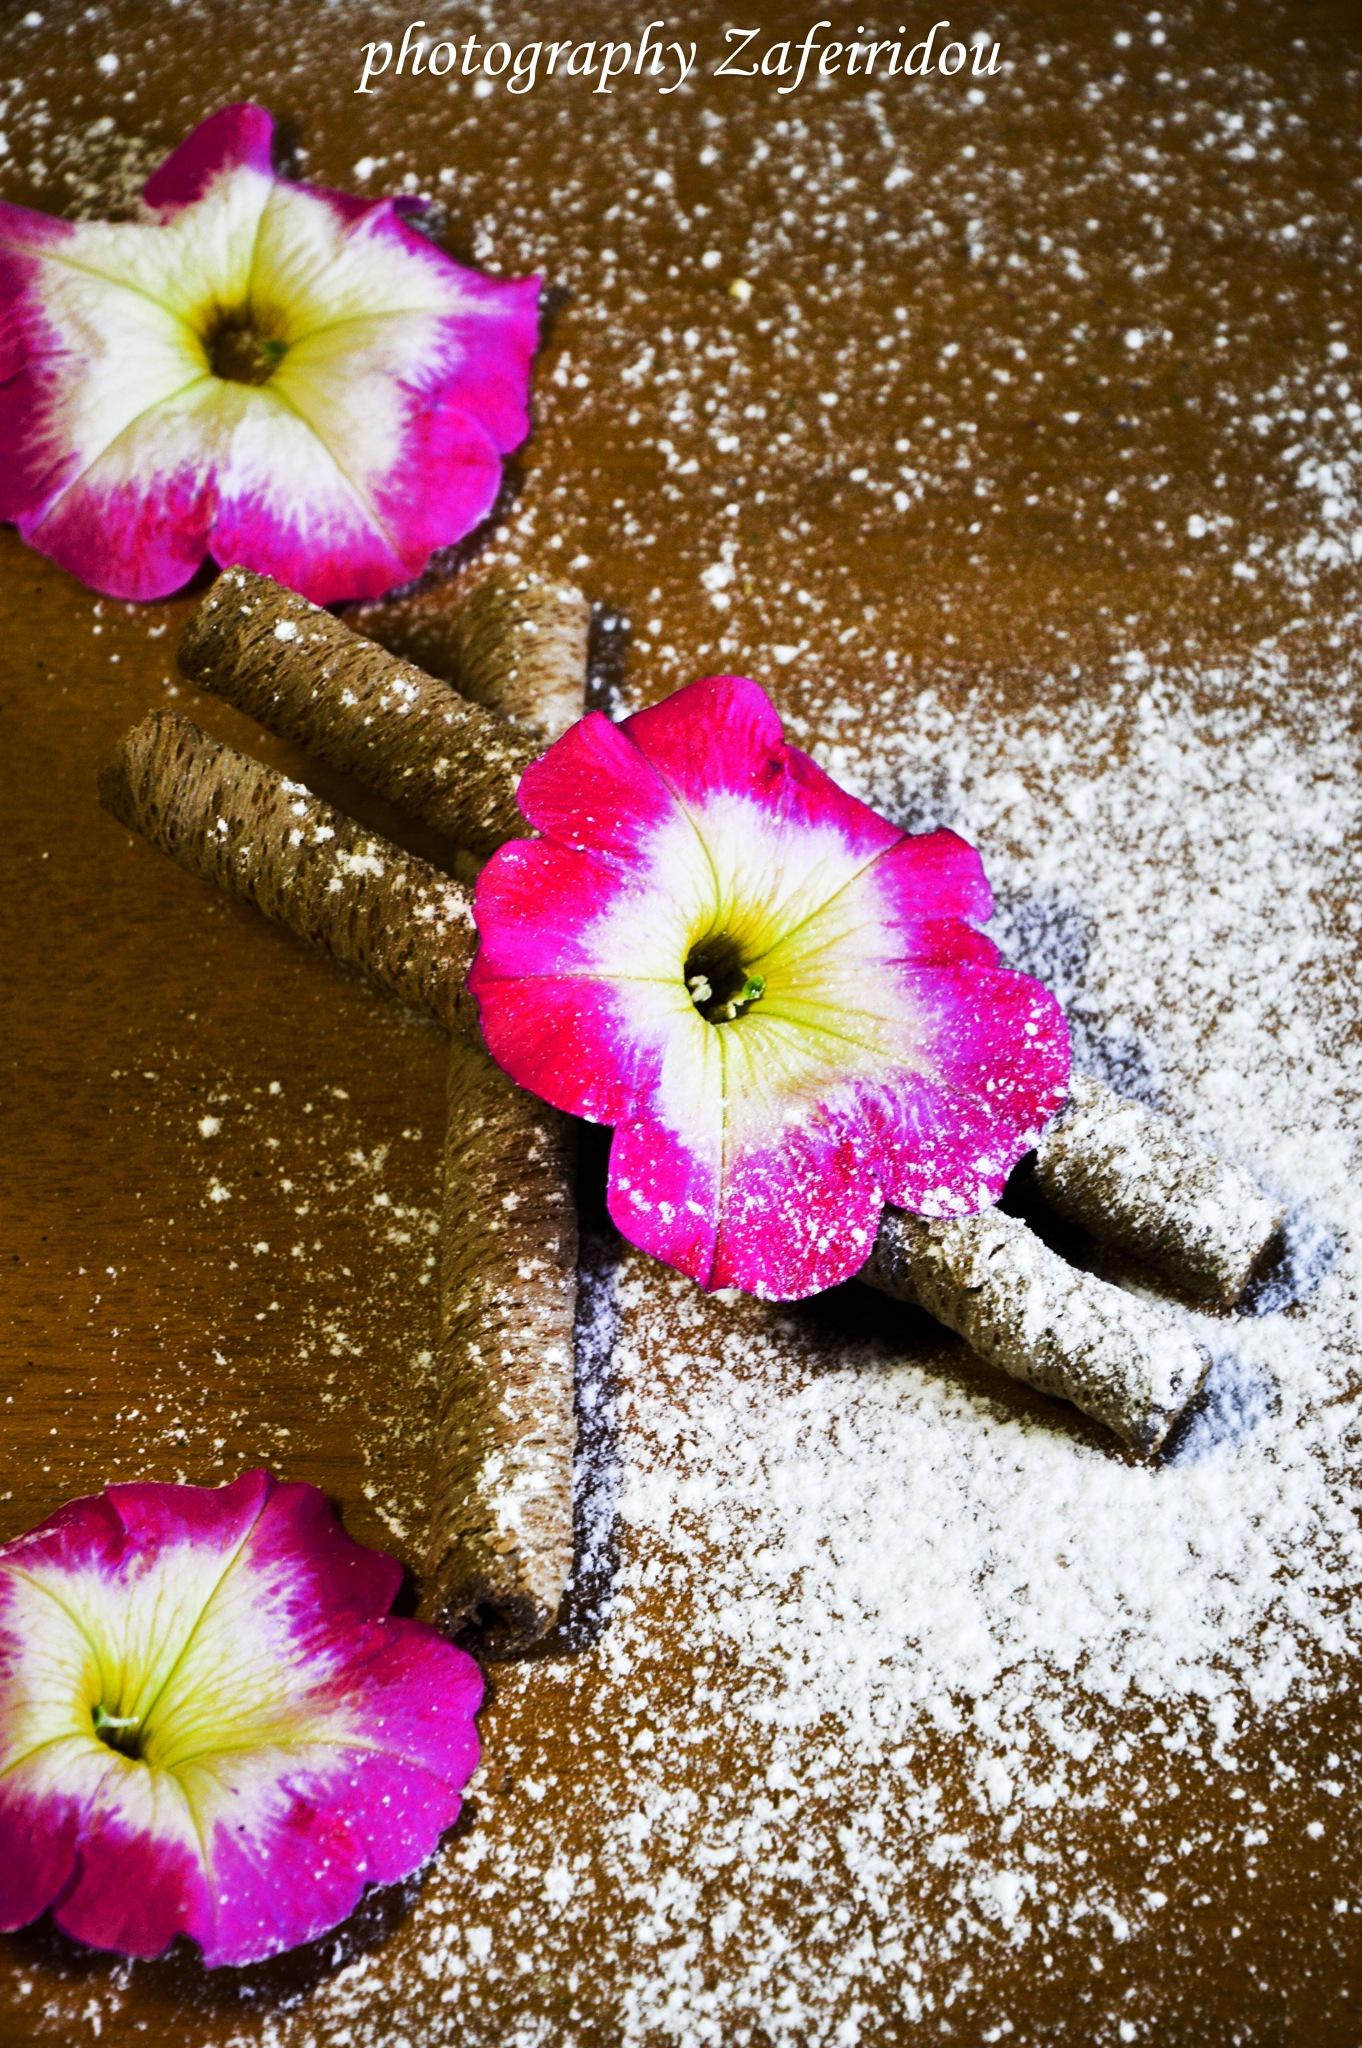 Flowers by Konstantina Zafeiridou